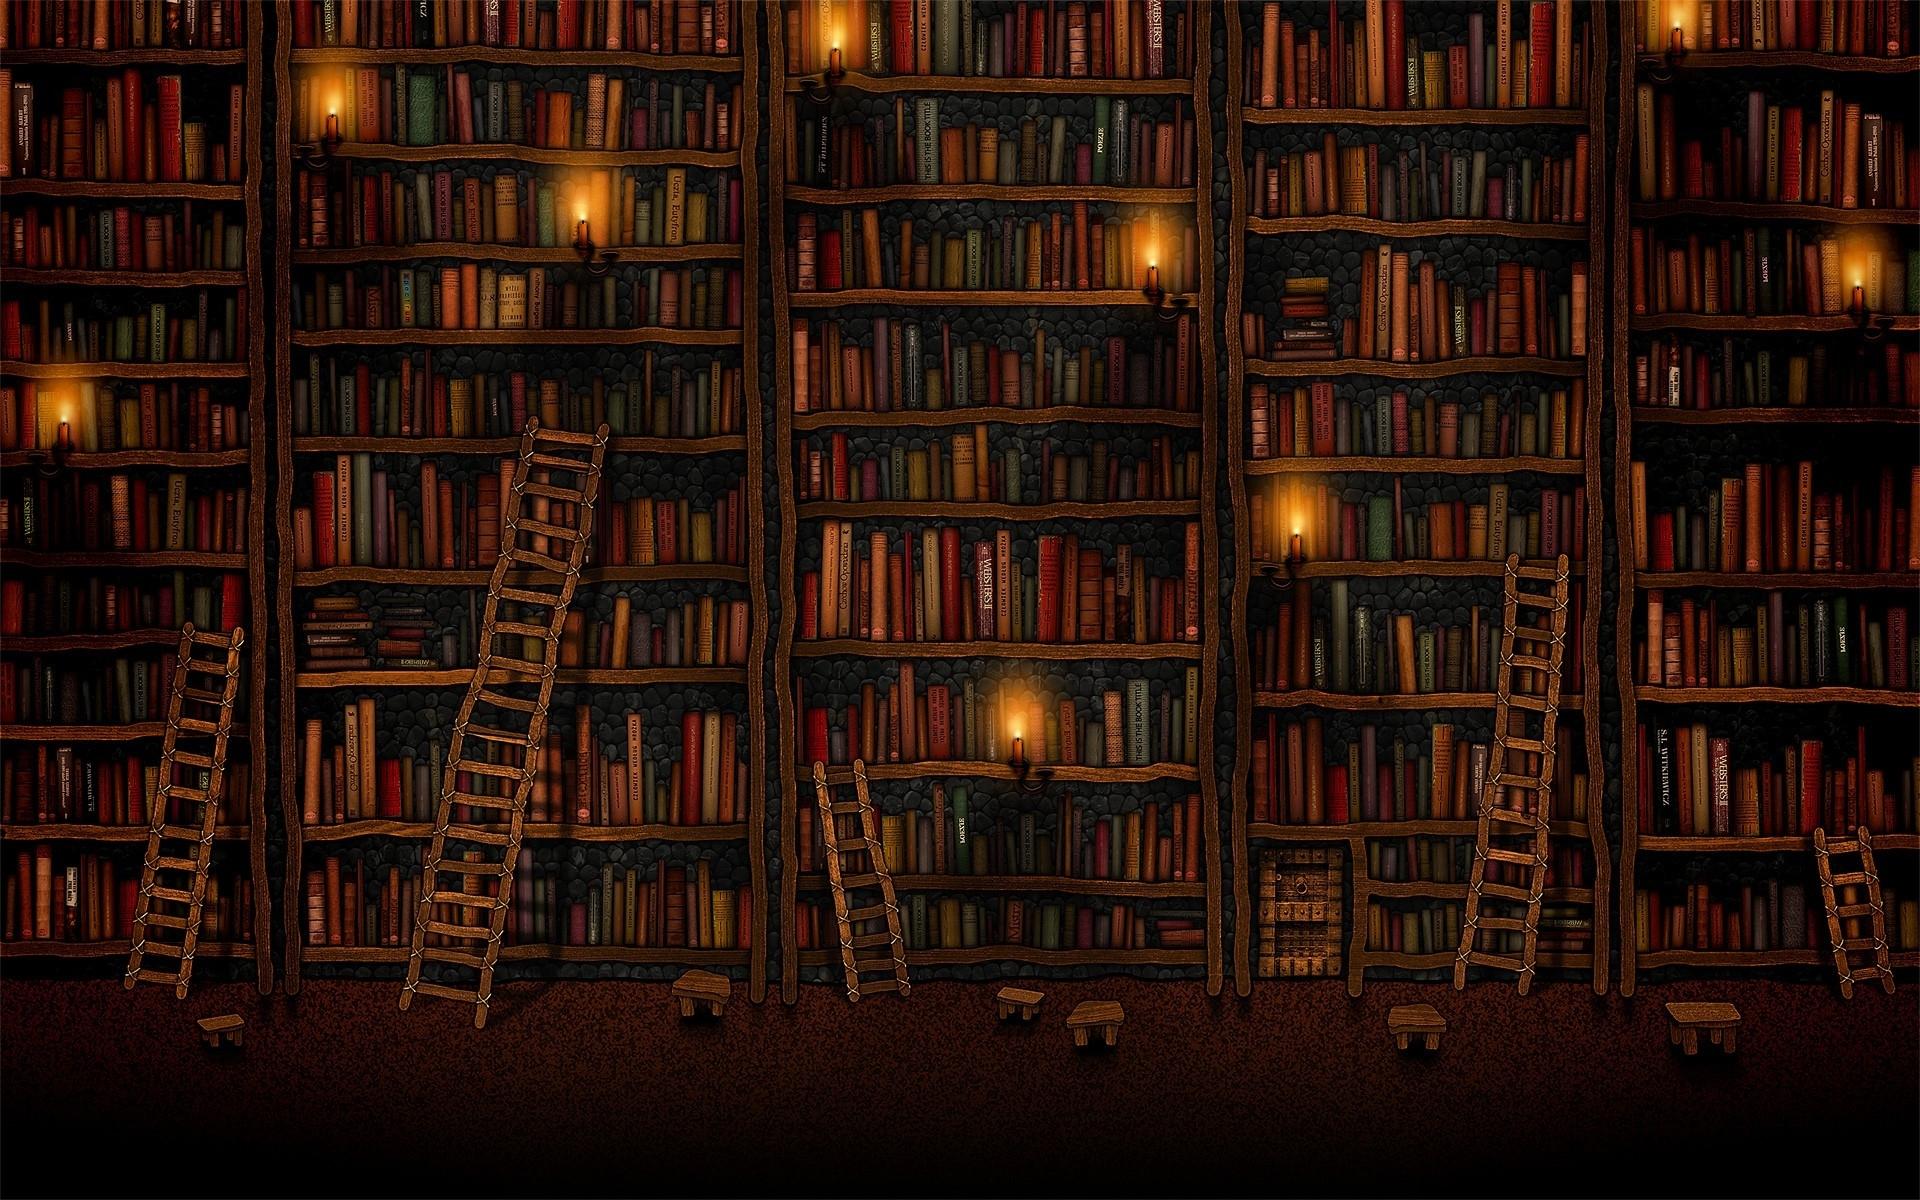 Best And Newest Wallpaper For Bookshelf Wallpapersafari Tall Bookshelves ~ Idolza For Huge Bookshelves (View 2 of 15)